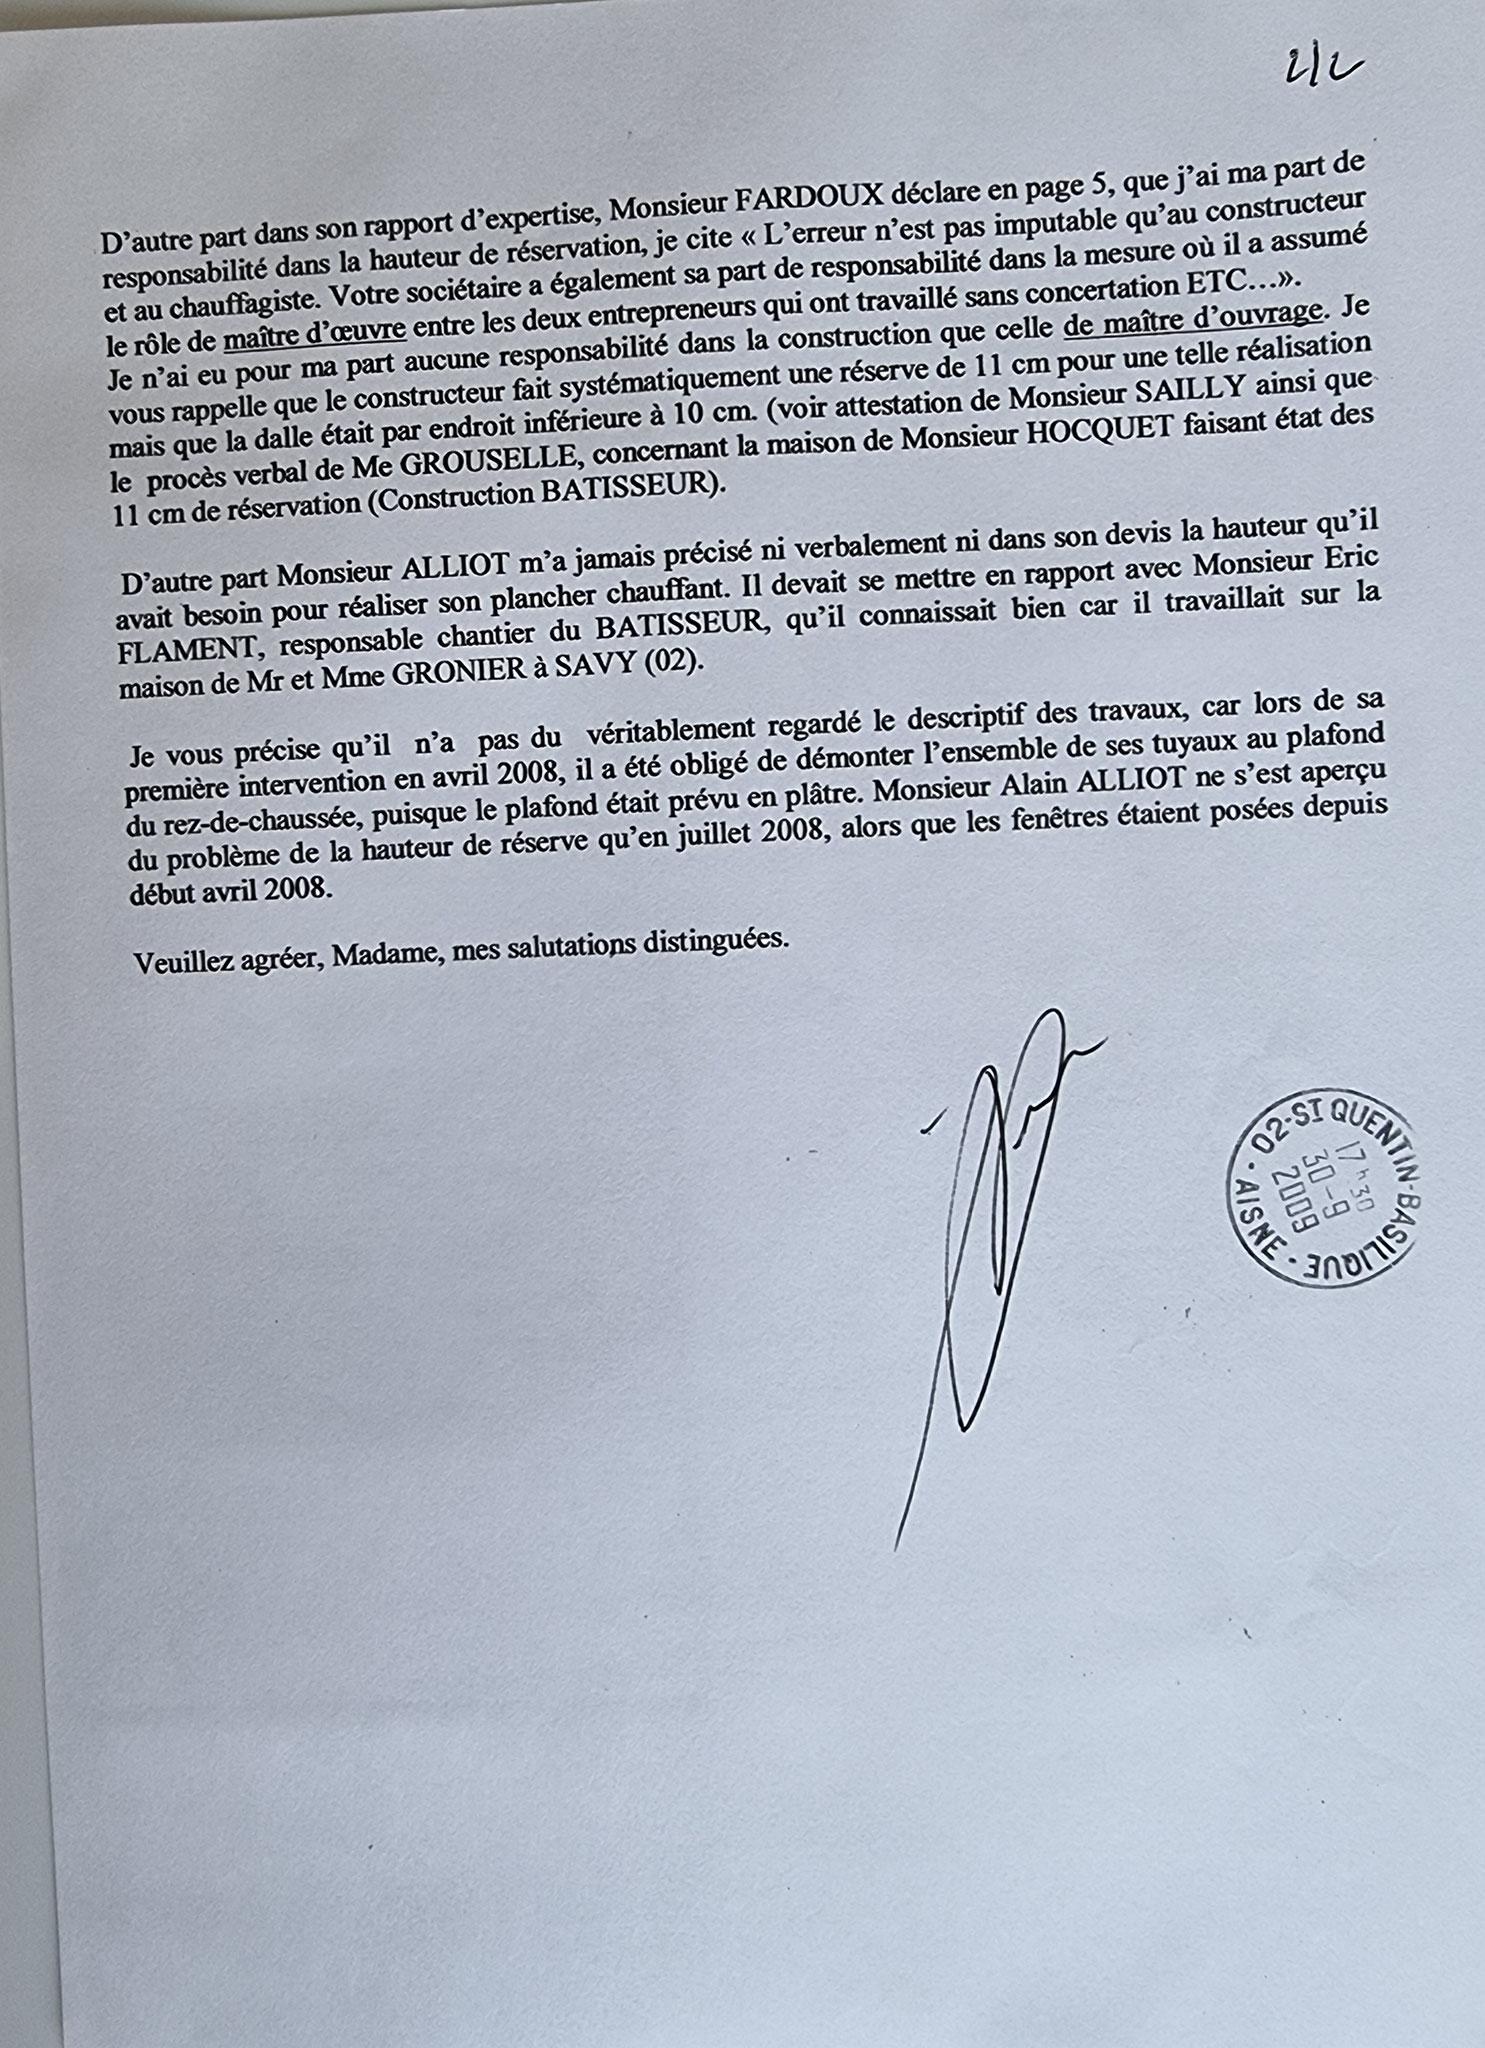 Le 30 Septembre 2009 j'adresse une LRAR à la MACIF.  Concernant les installation Ste Alain ALLIOT.     INACCEPTABL BORDERLINE  EXPERTISES JUDICIAIRES ENTRE COPAINS... www.jesuispatrick.fr